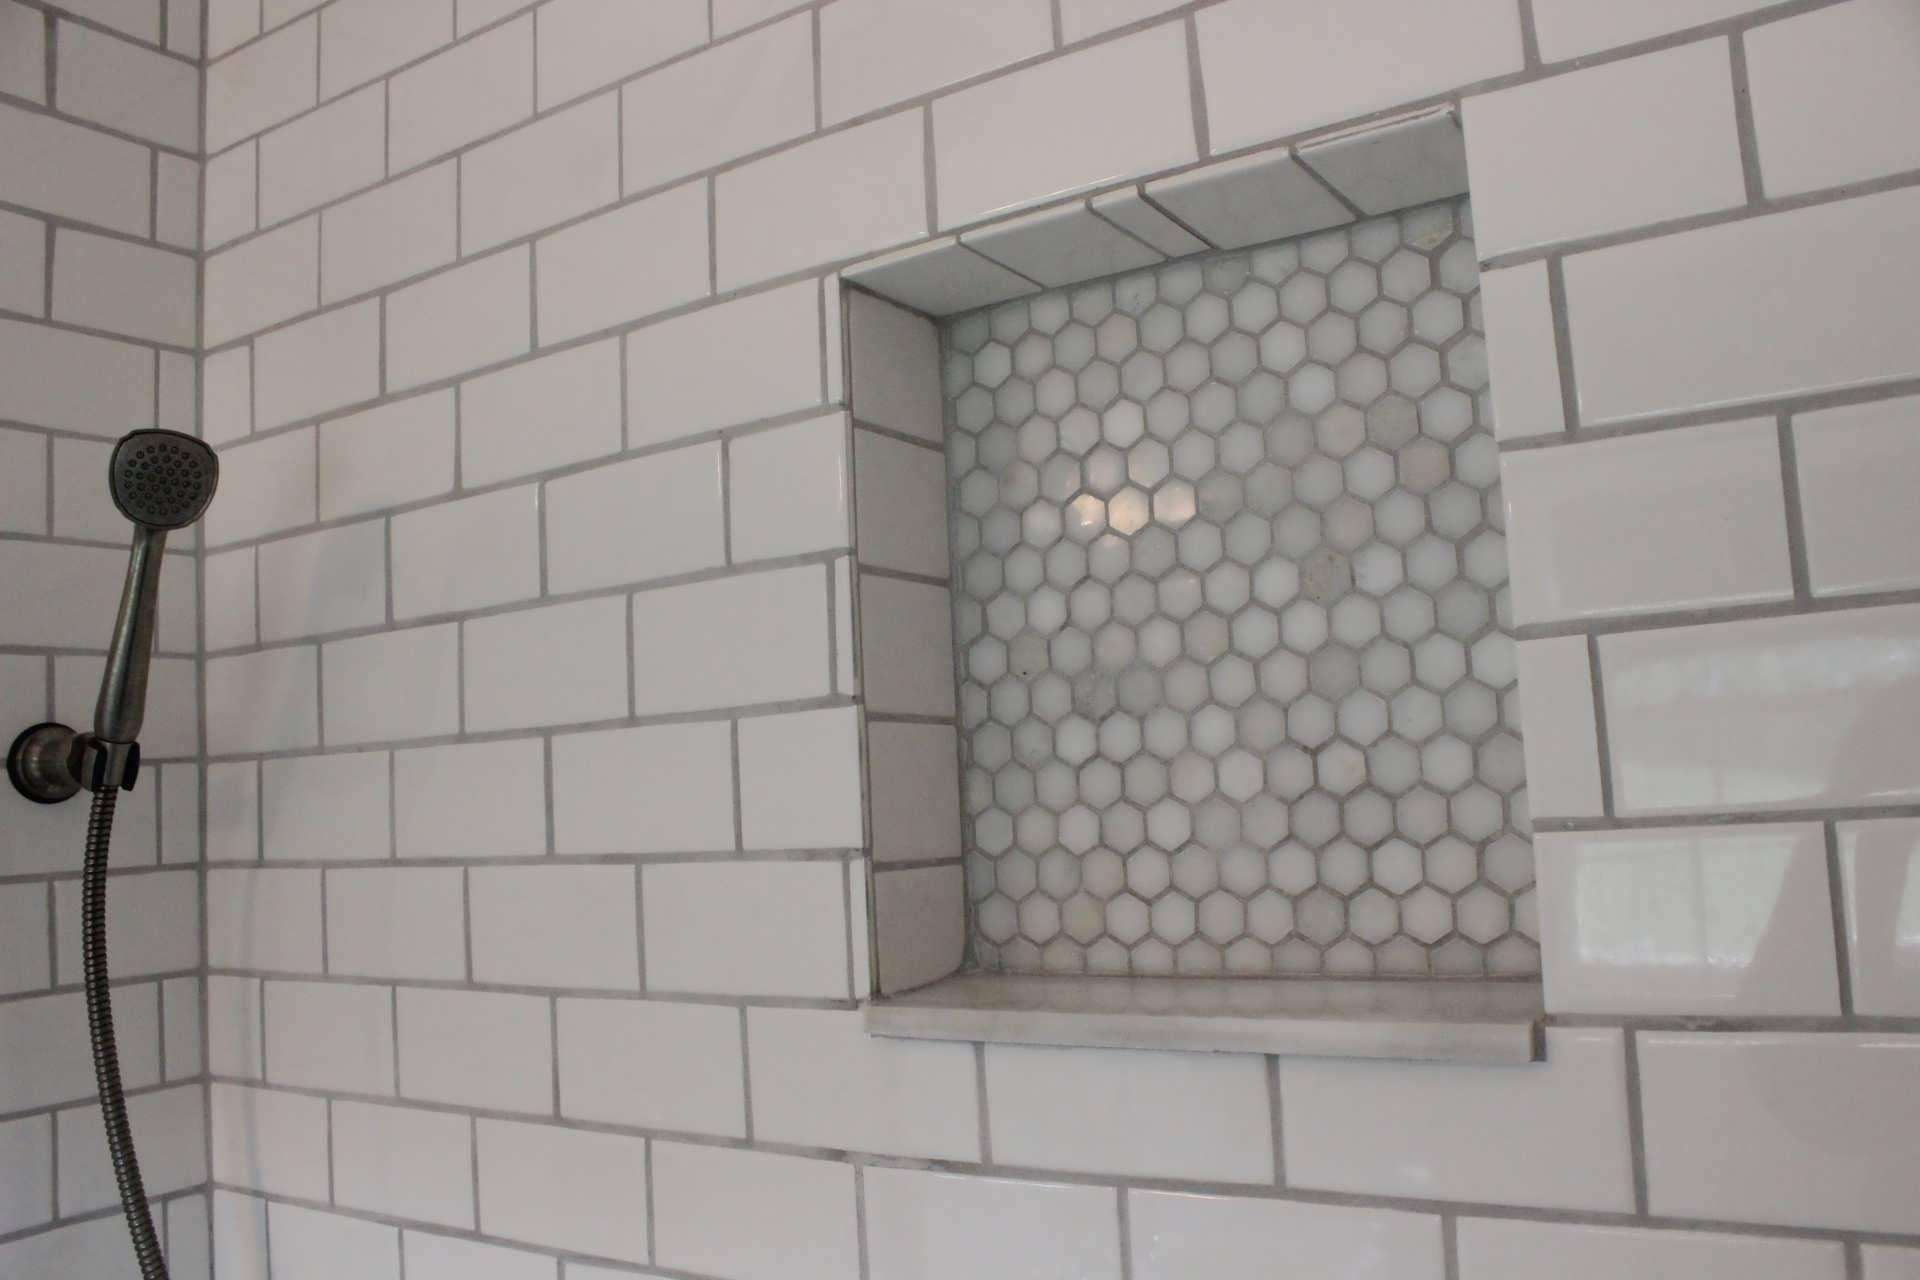 Bathroom Vintage Subway Tile Teal Subway Tile Backsplash Big Design